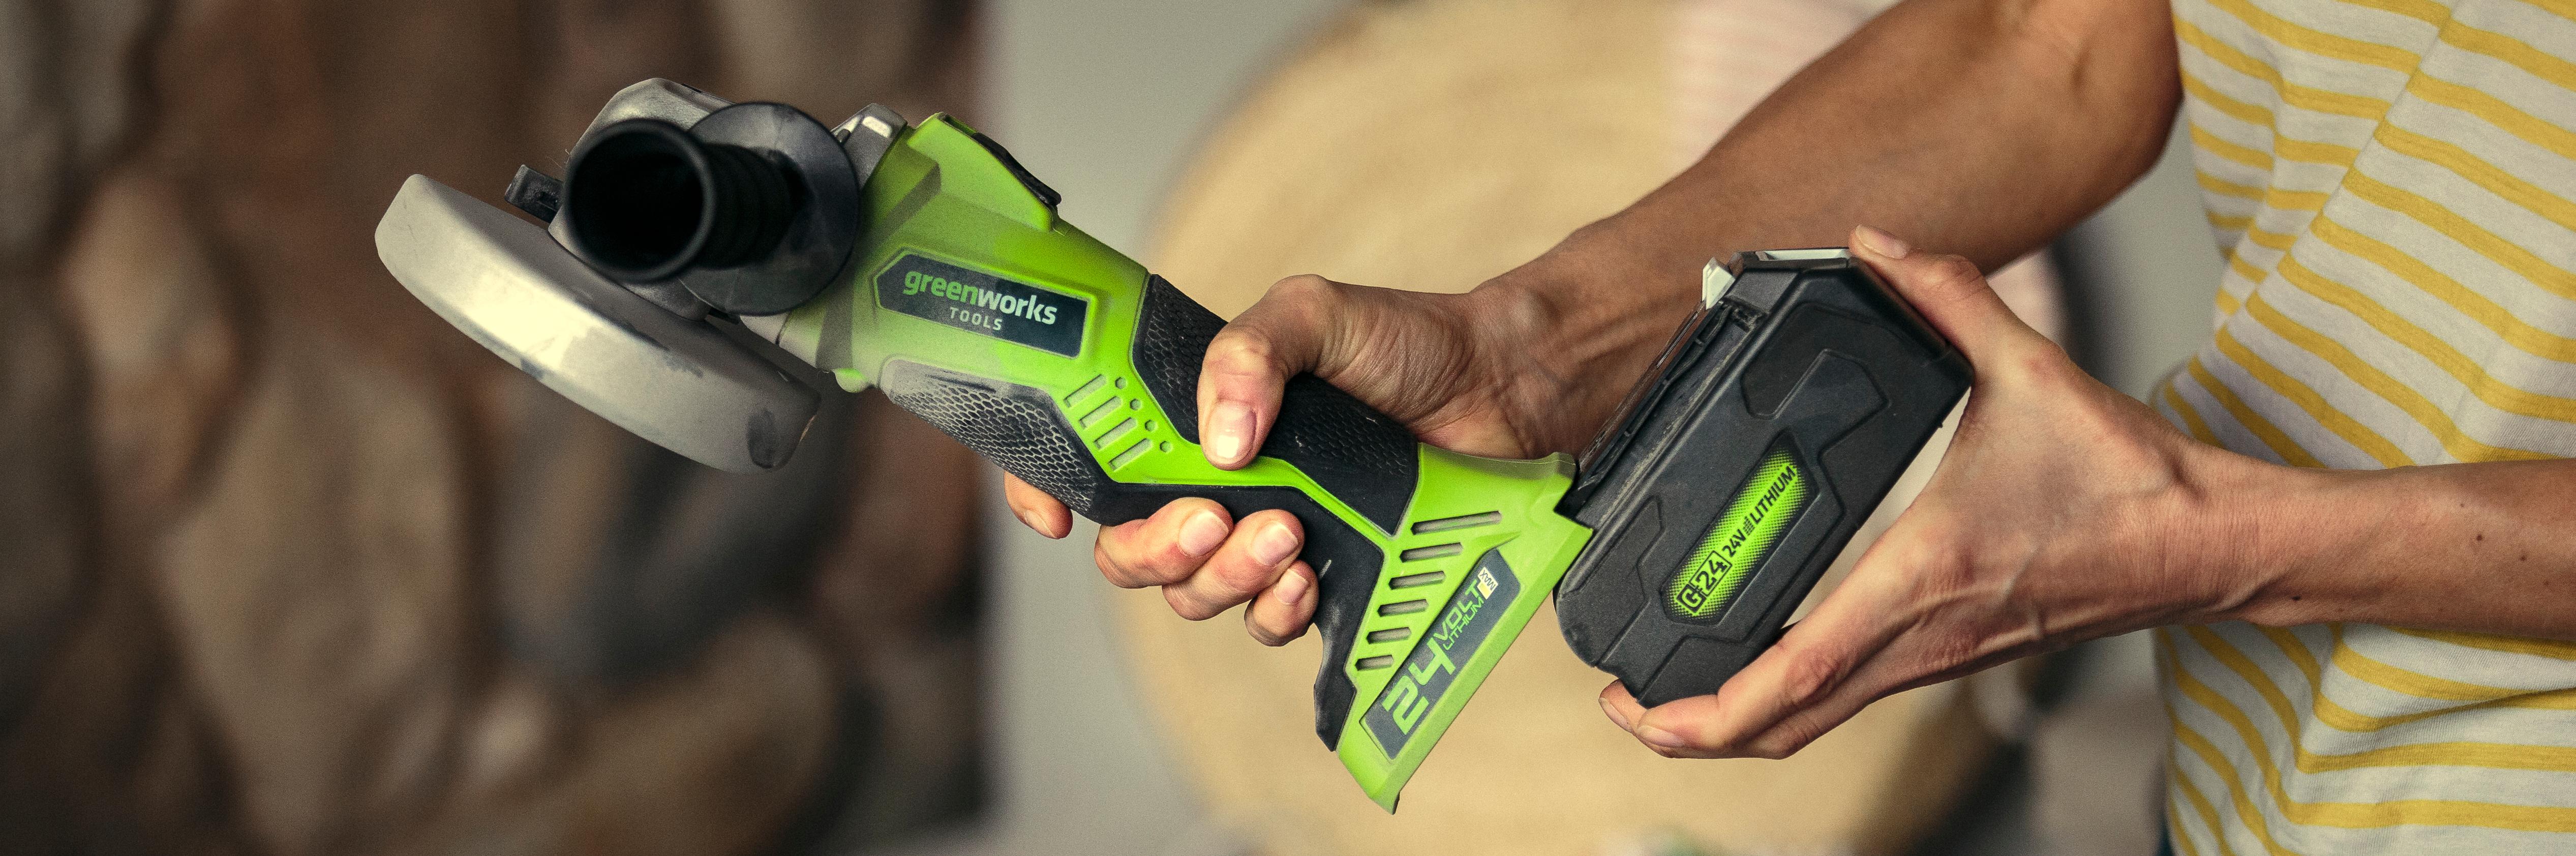 Greenworks - эксклюзивная торговая марка компании Globe Tools Group